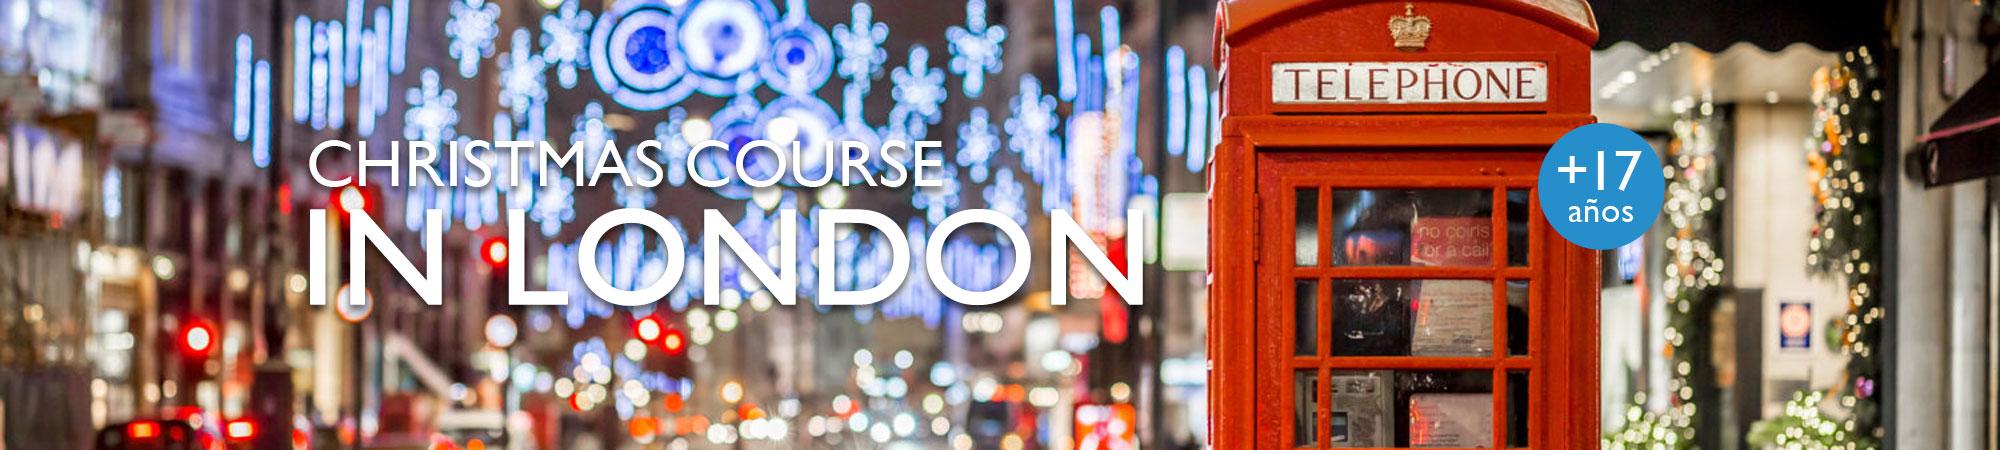 Cursos de inglés para adultos en Londres Midleton School